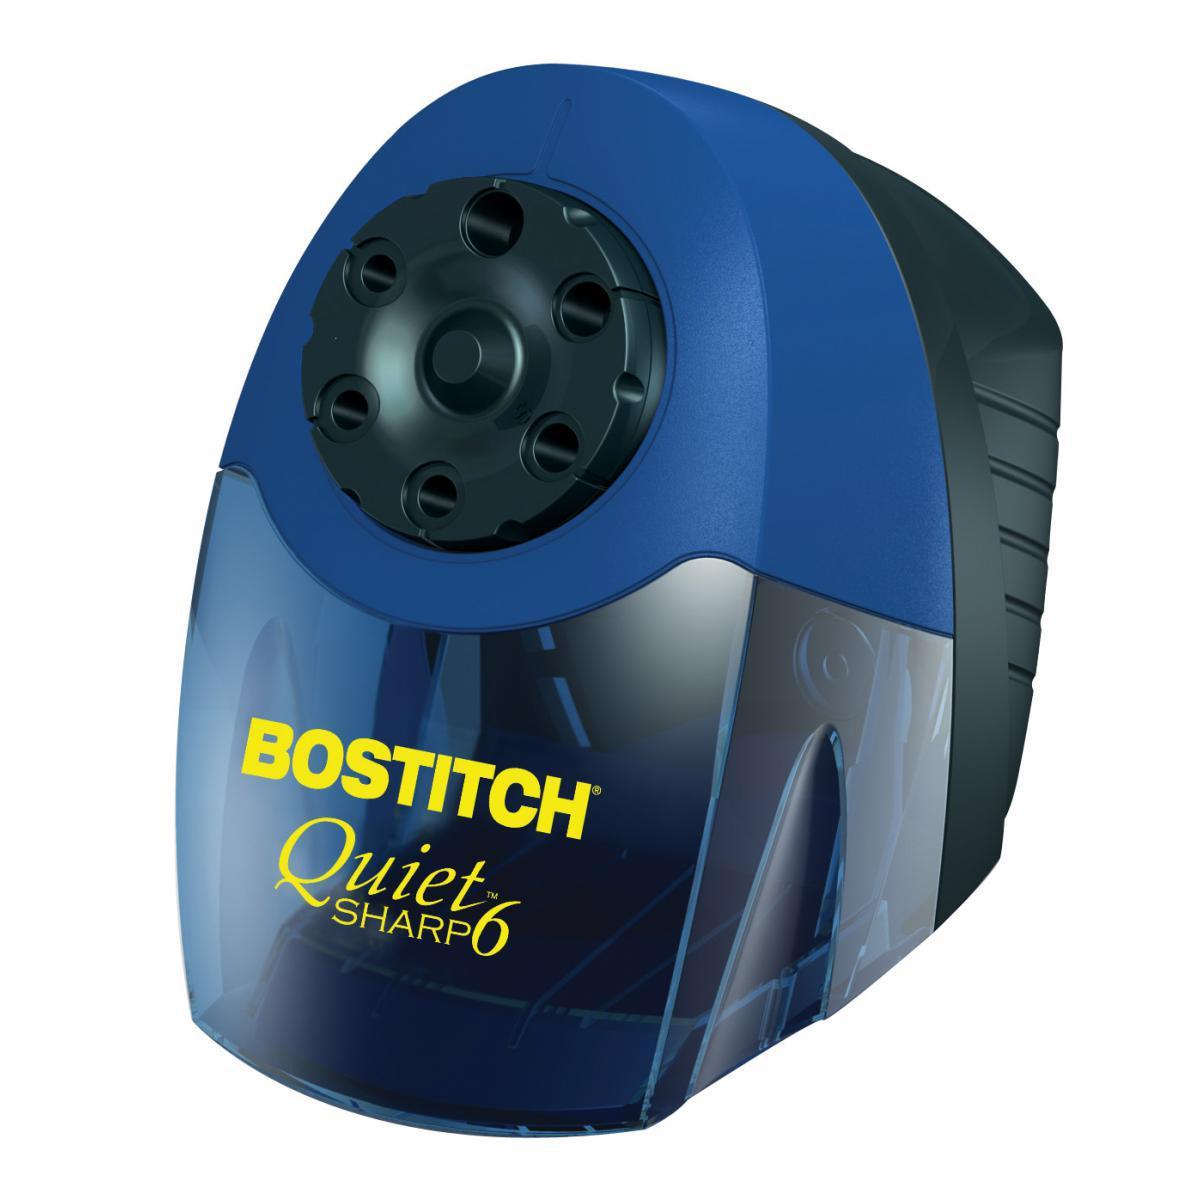 Taille-crayon électrique Bostitch®